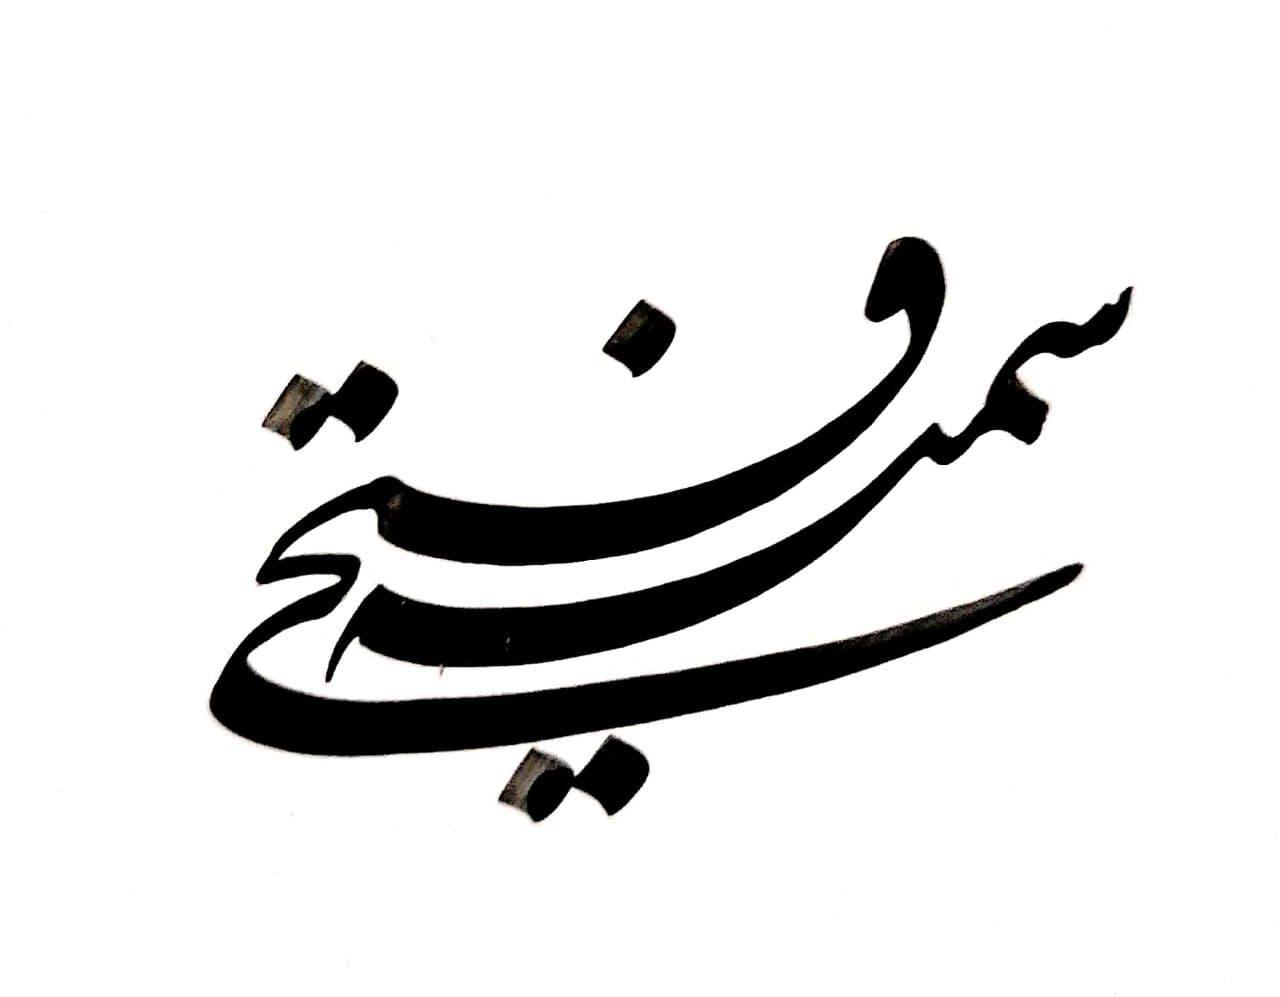 خوشنویسی اسم مناسب برای طراحی تتو، مهرسازی و طراحی لوگو خوشنویسی اسم مناسب برای طراحی تتو، مهرسازی و طراحی لوگو photo 2021 09 18 20 53 01